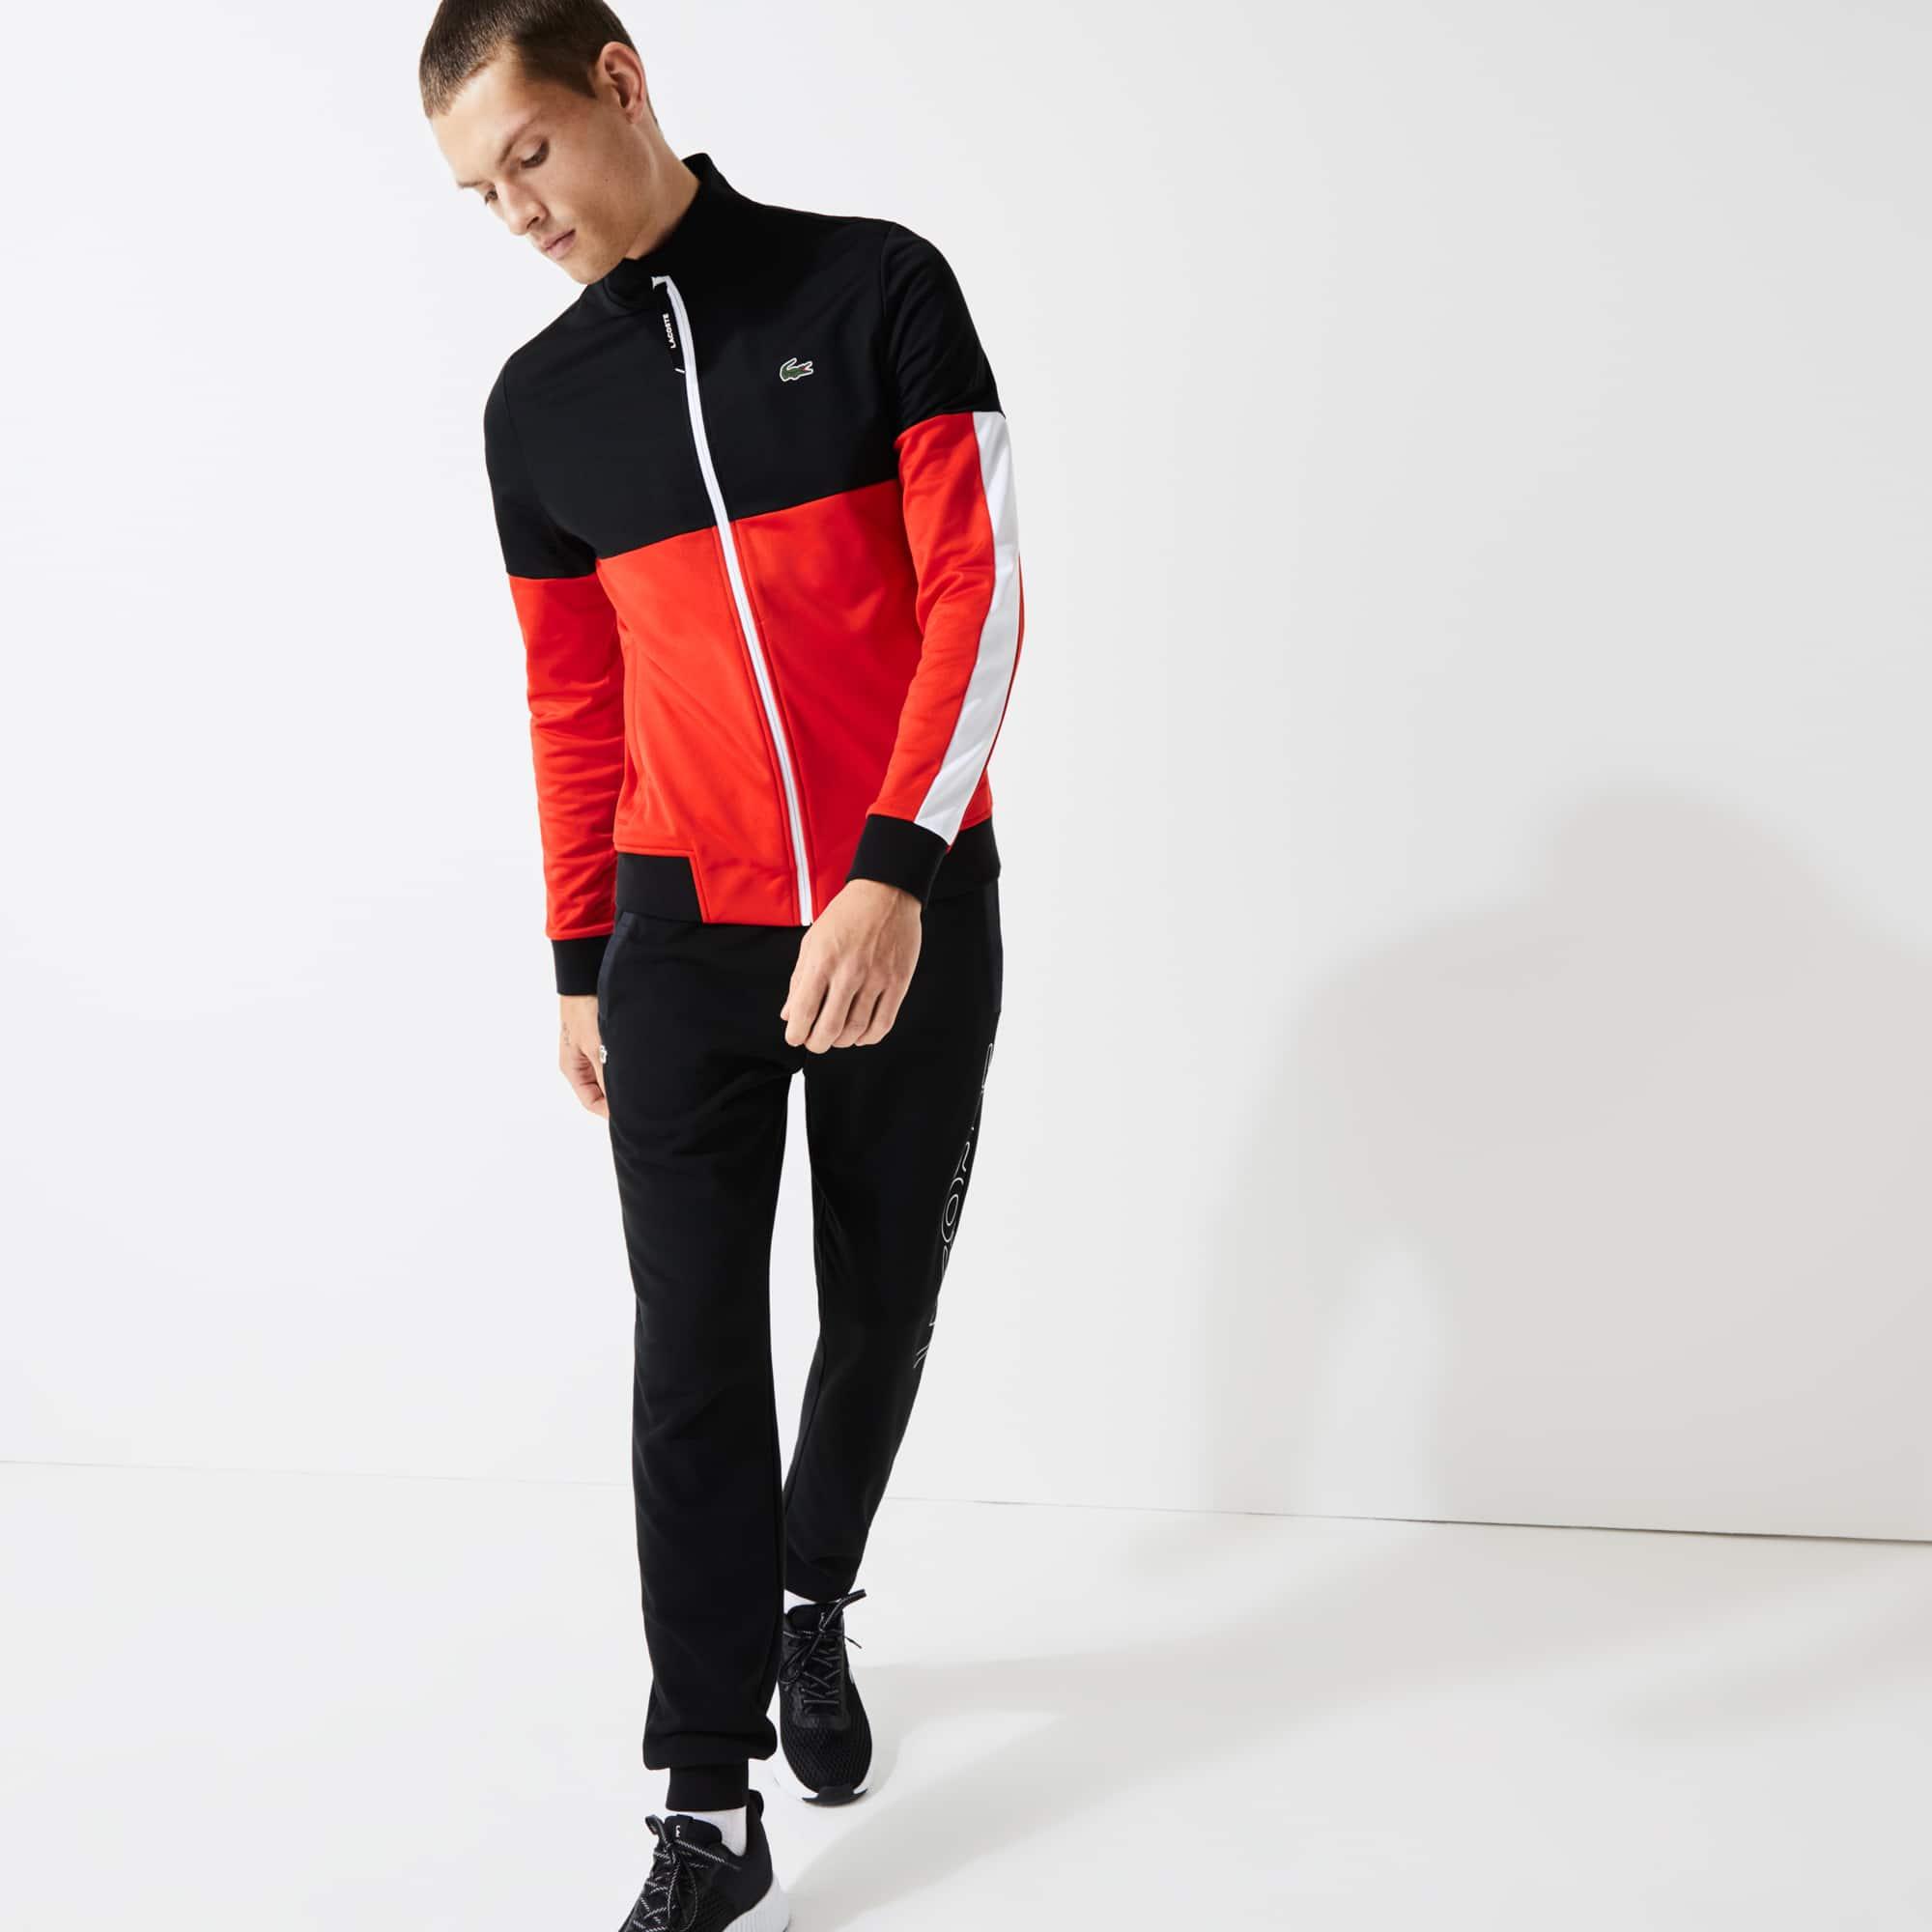 라코스테 스포츠 Lacoste Mens SPORT Colorblock Resistant Pique Zip Sweatshirt,Black / Red / White - G54